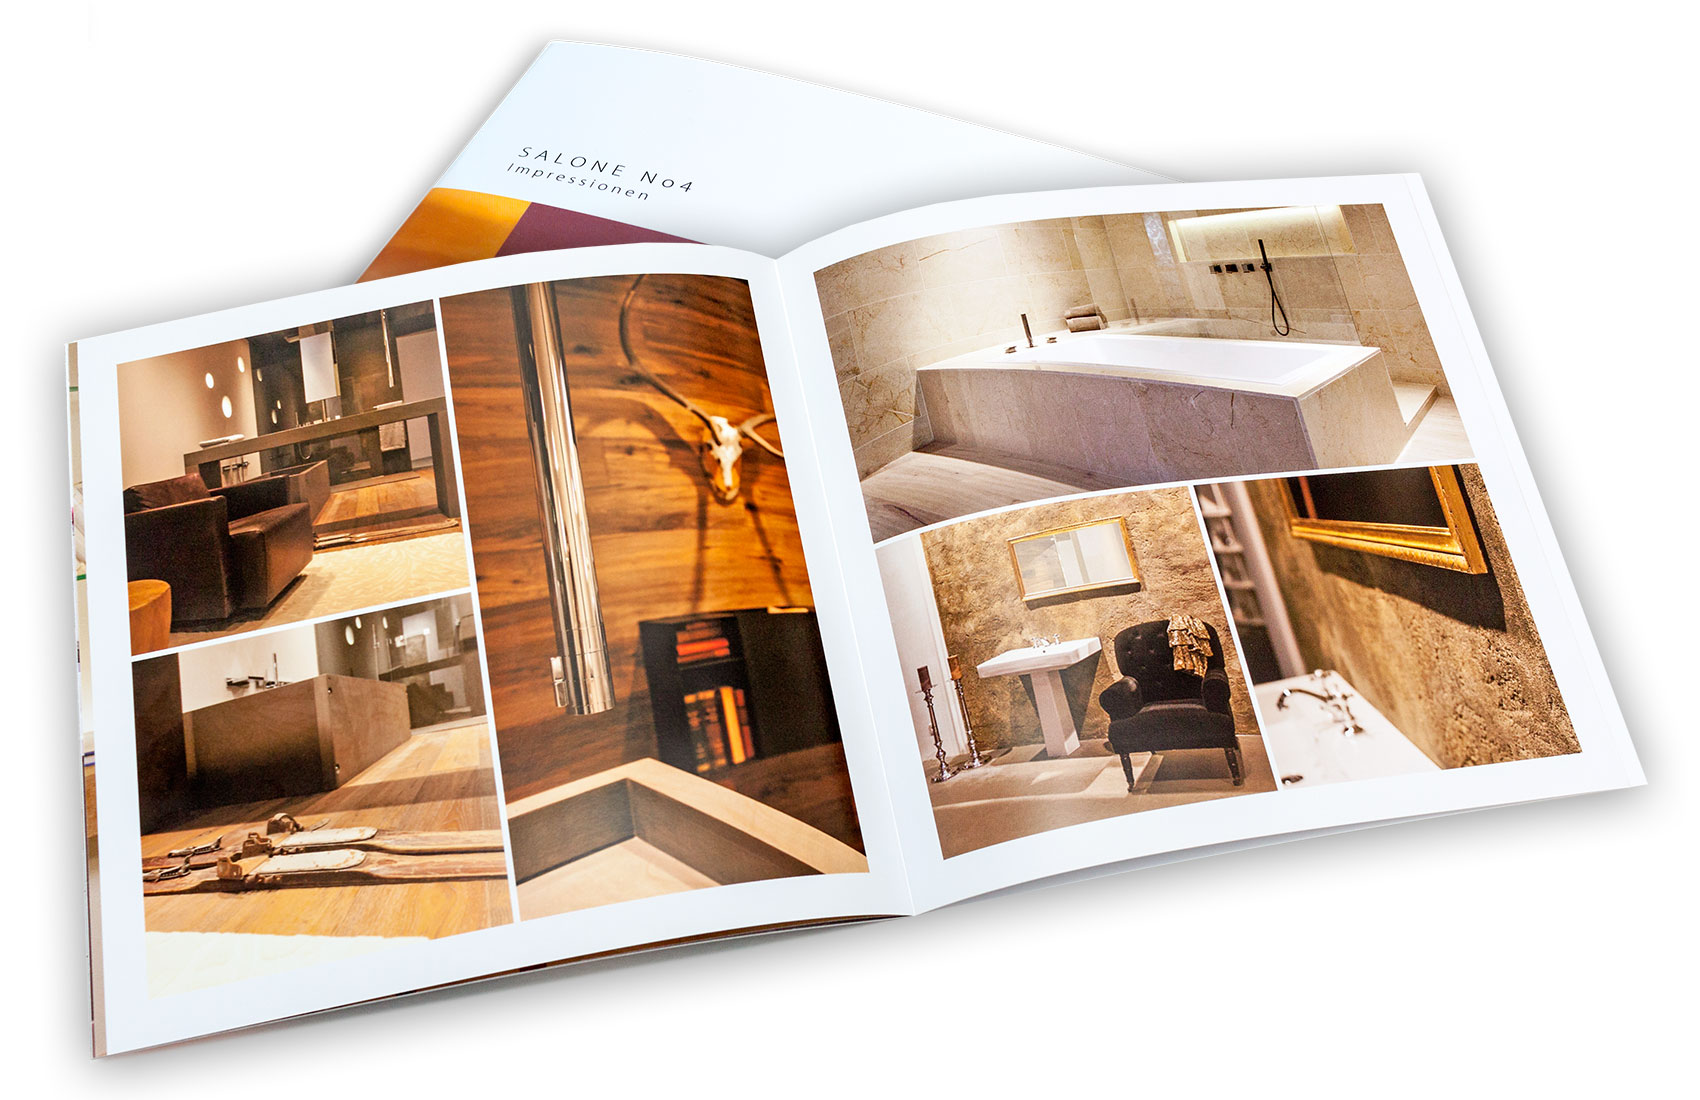 Impressionen von Salone No4 in Form eines Fotobuchs.